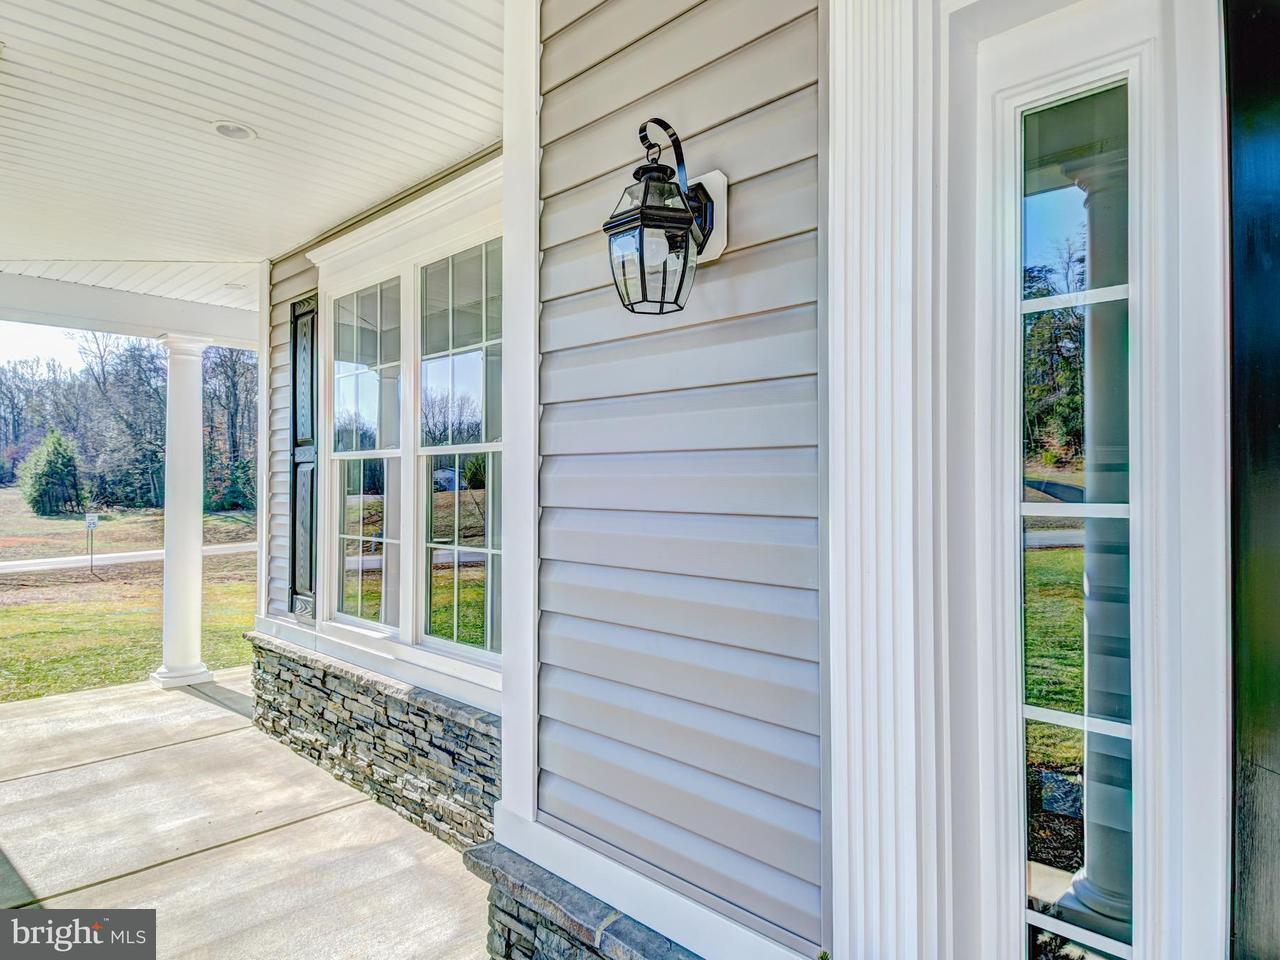 Частный односемейный дом для того Продажа на 15805 CHALICE VINE Court 15805 CHALICE VINE Court Hughesville, Мэриленд 20637 Соединенные Штаты